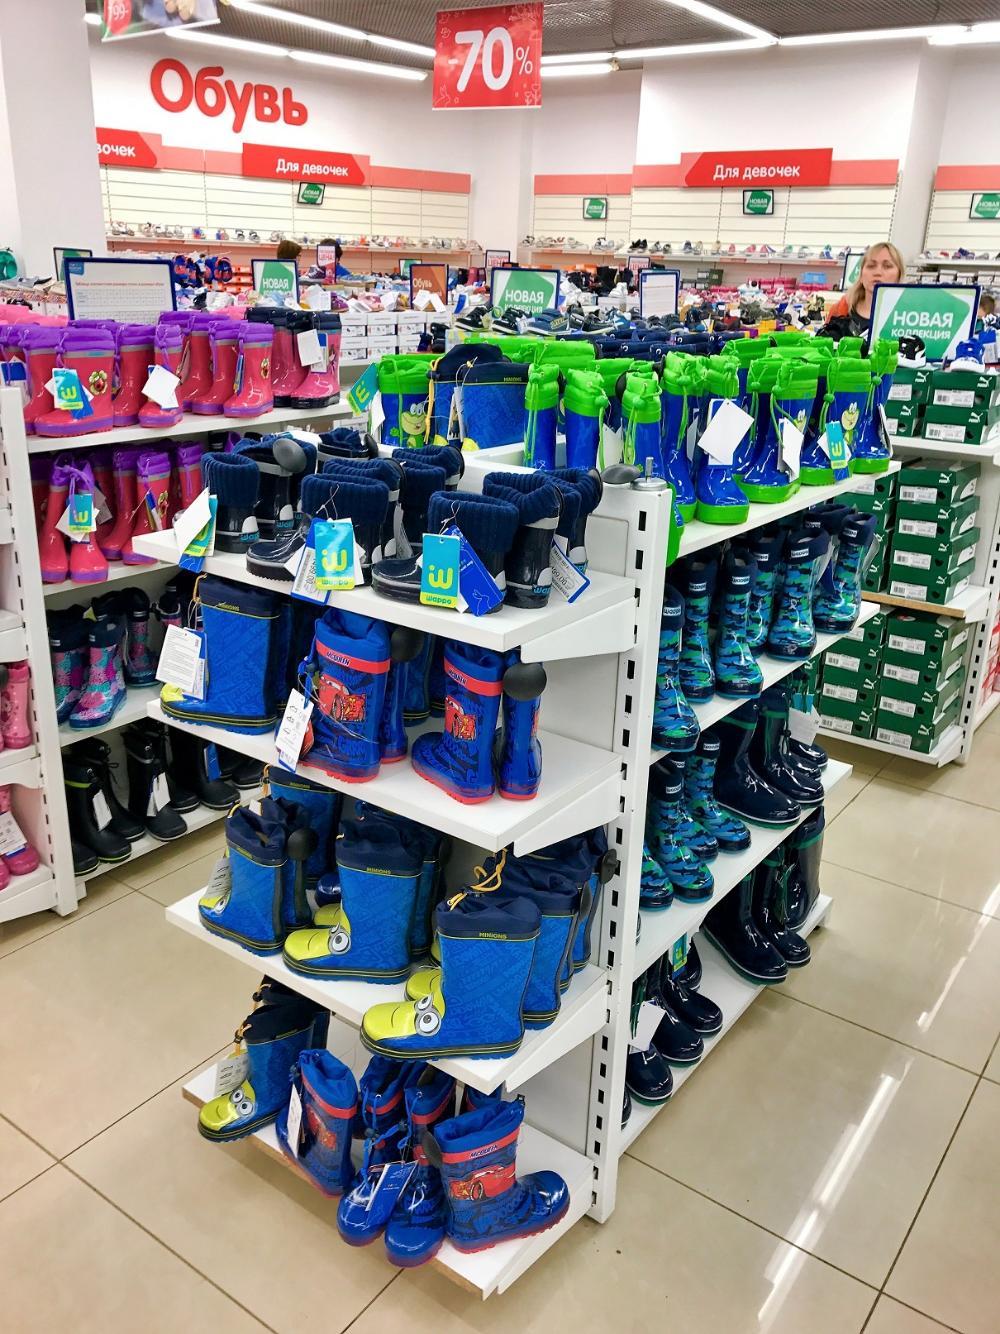 9daf0f493d38 Дети любят теплый свет. Световые решения для магазина/отдела детской ...